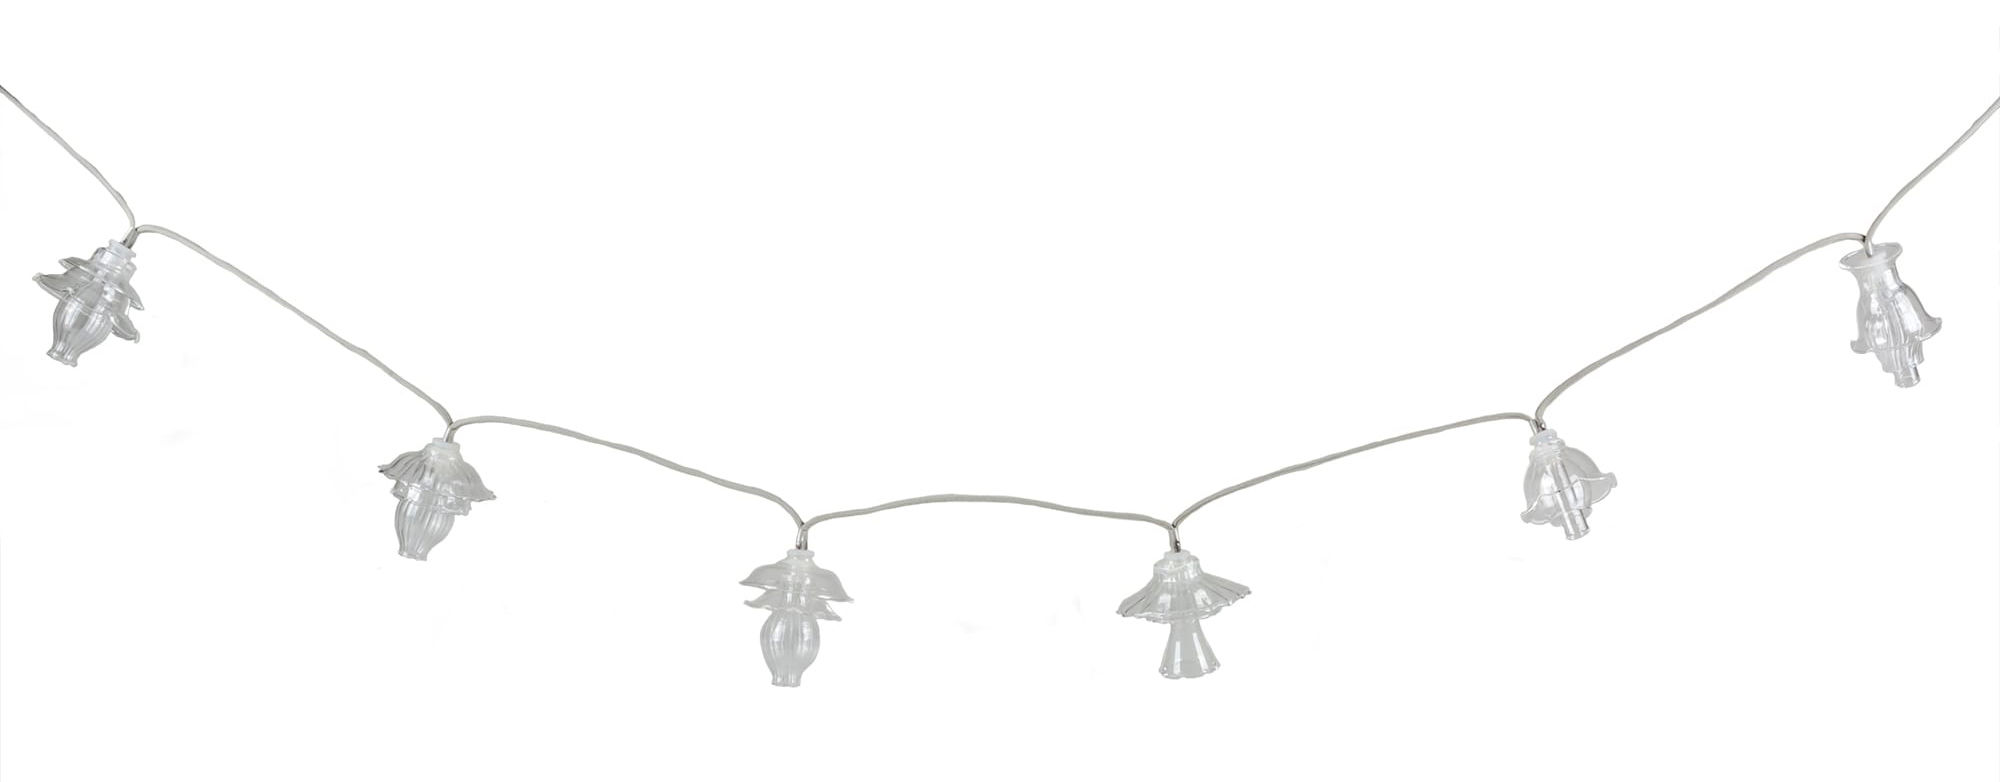 Luminaire - Mobilier et objets lumineux - Guirlande lumineuse Floralia / LED - 12 abat-jours verre - L 420 cm - Seletti - Transparent - Verre soufflé